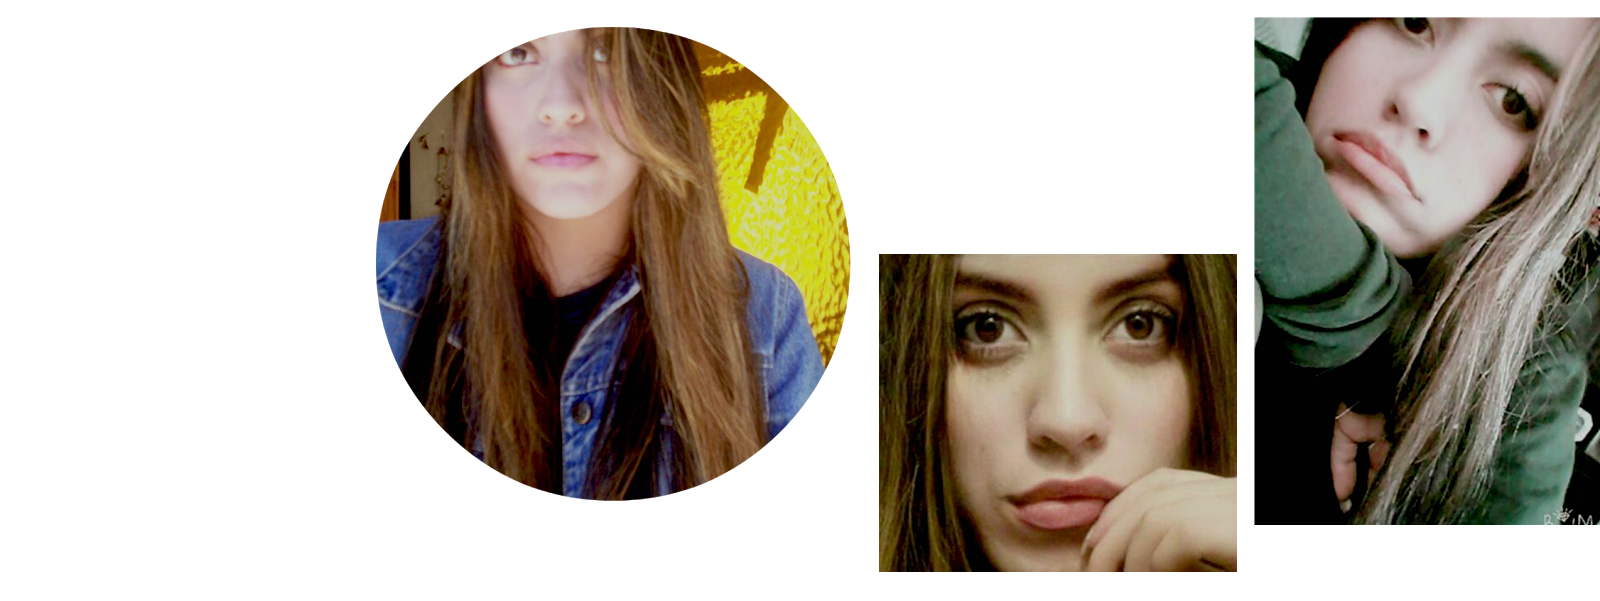 Mila Sister